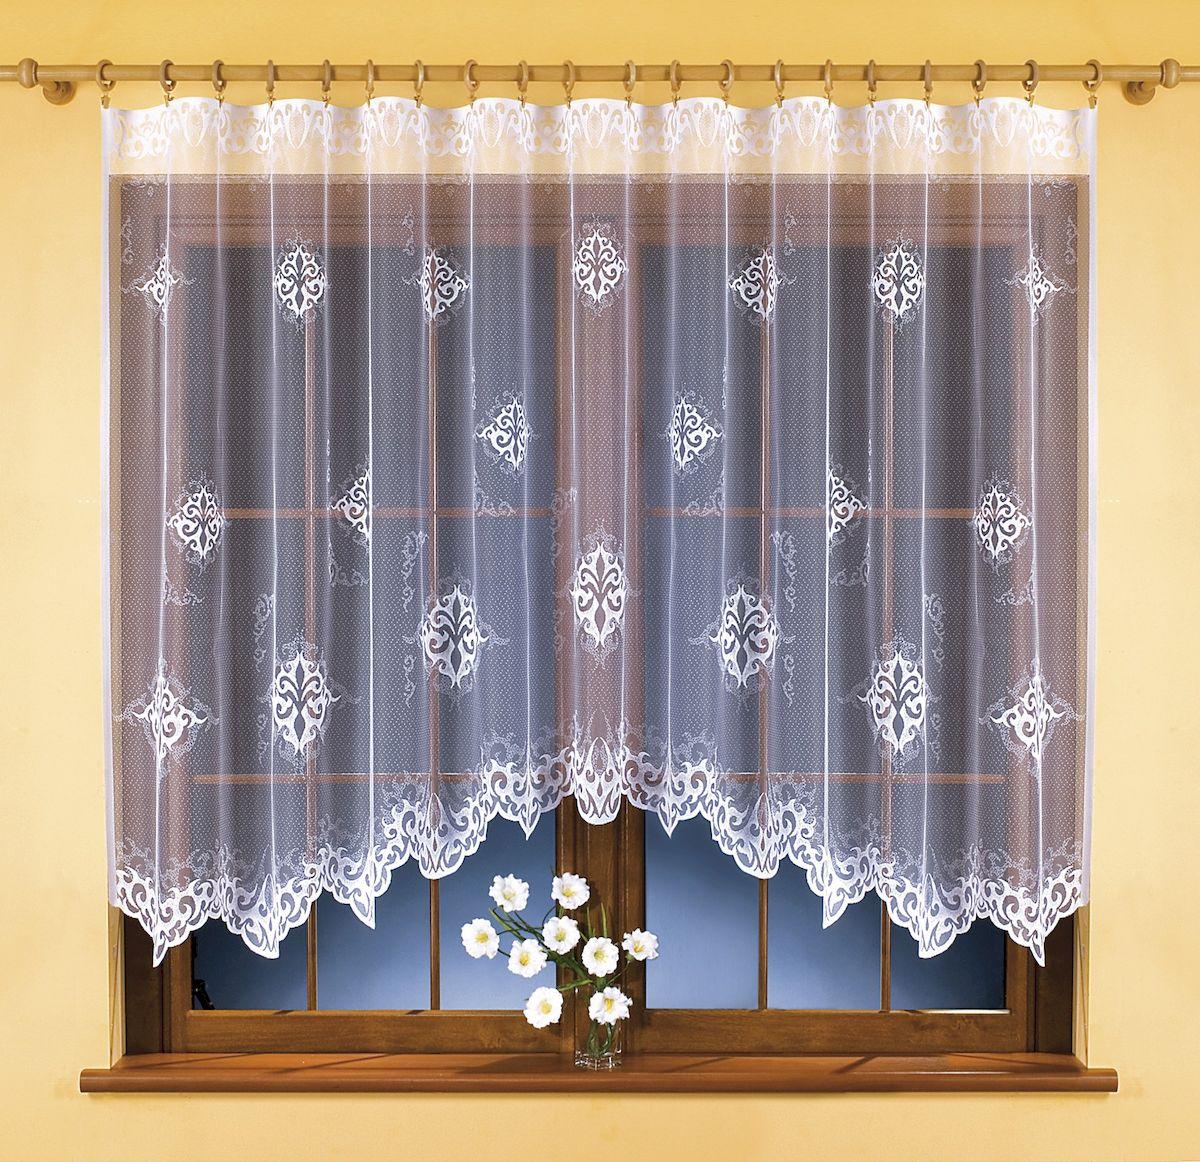 Гардина Wisan, цвет: белый, высота 150 см. 98539853Воздушная гардина-арка Wisan, изготовленная из 100% полиэстера, станет великолепным украшением любого окна. Изящный цветочный узор и текстура ткани привлекут к себе внимание и органично впишутся в интерьер комнаты. Оригинальное оформление гардины внесет разнообразие и подарит заряд положительного настроения.Крепится при помощи шторной ленты.